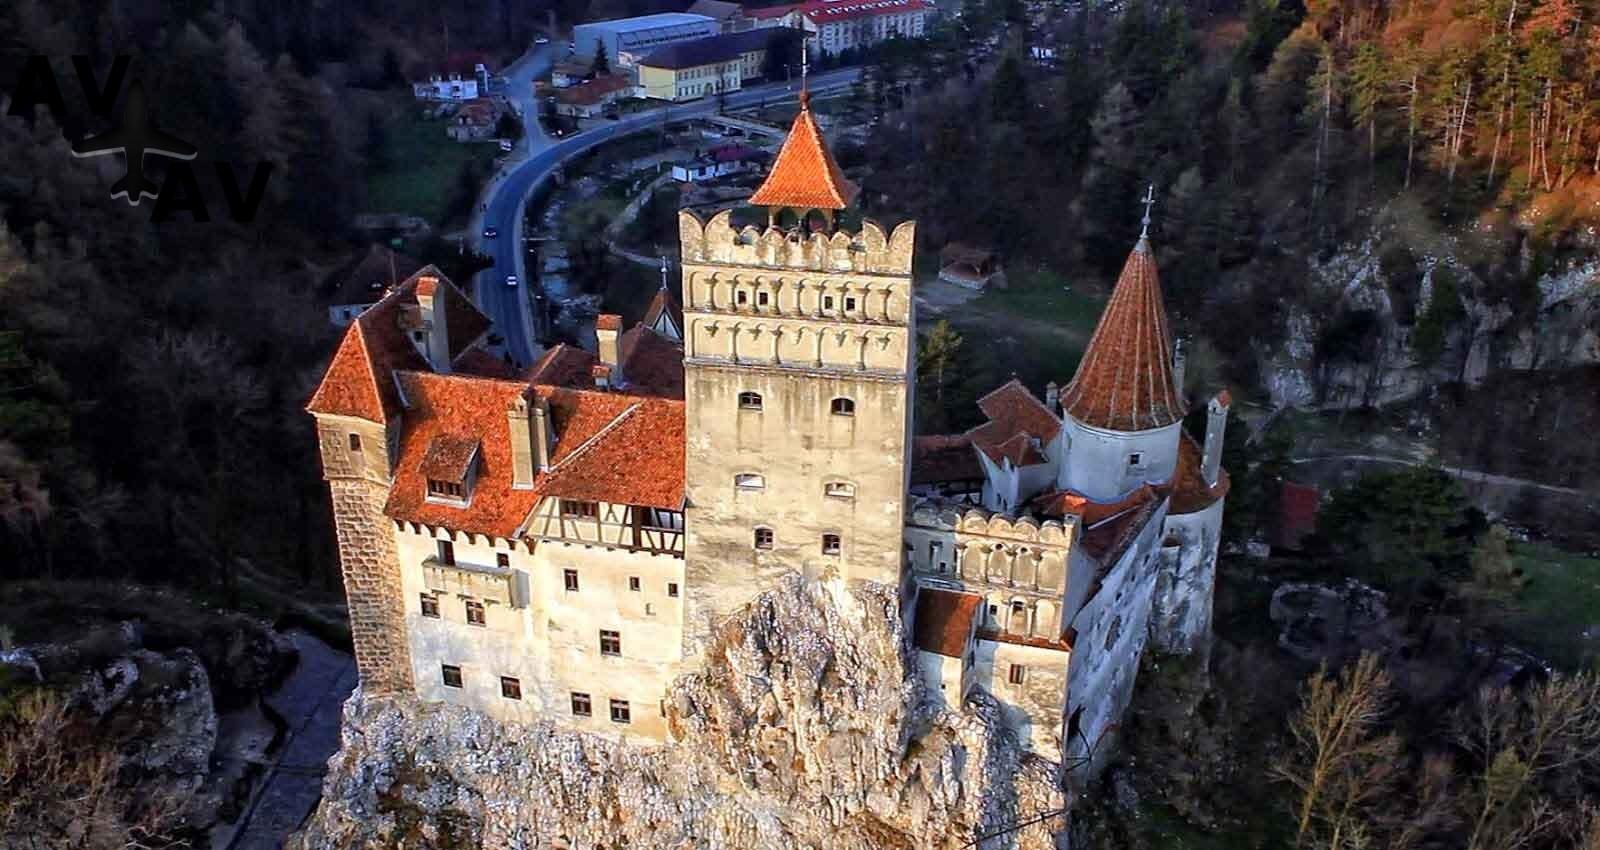 Zamok Bran - Самые загадочные замки мира